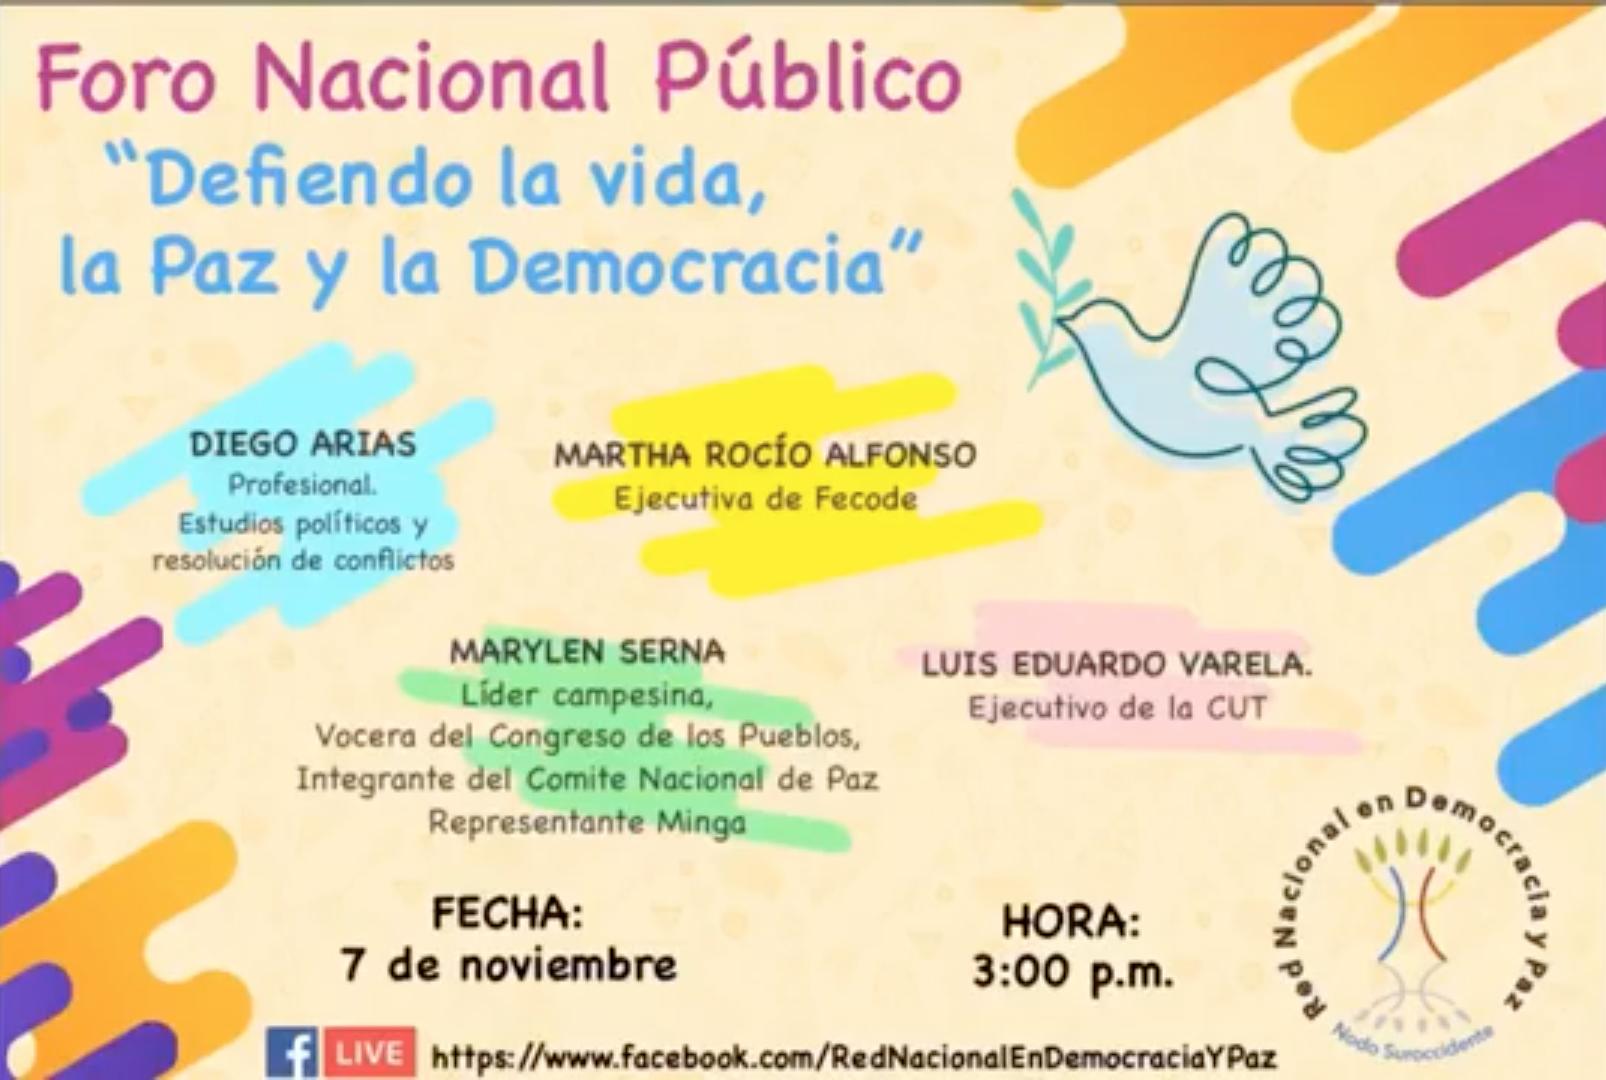 Foro Virtual Defiendo la Vida, la Paz y la Democracia